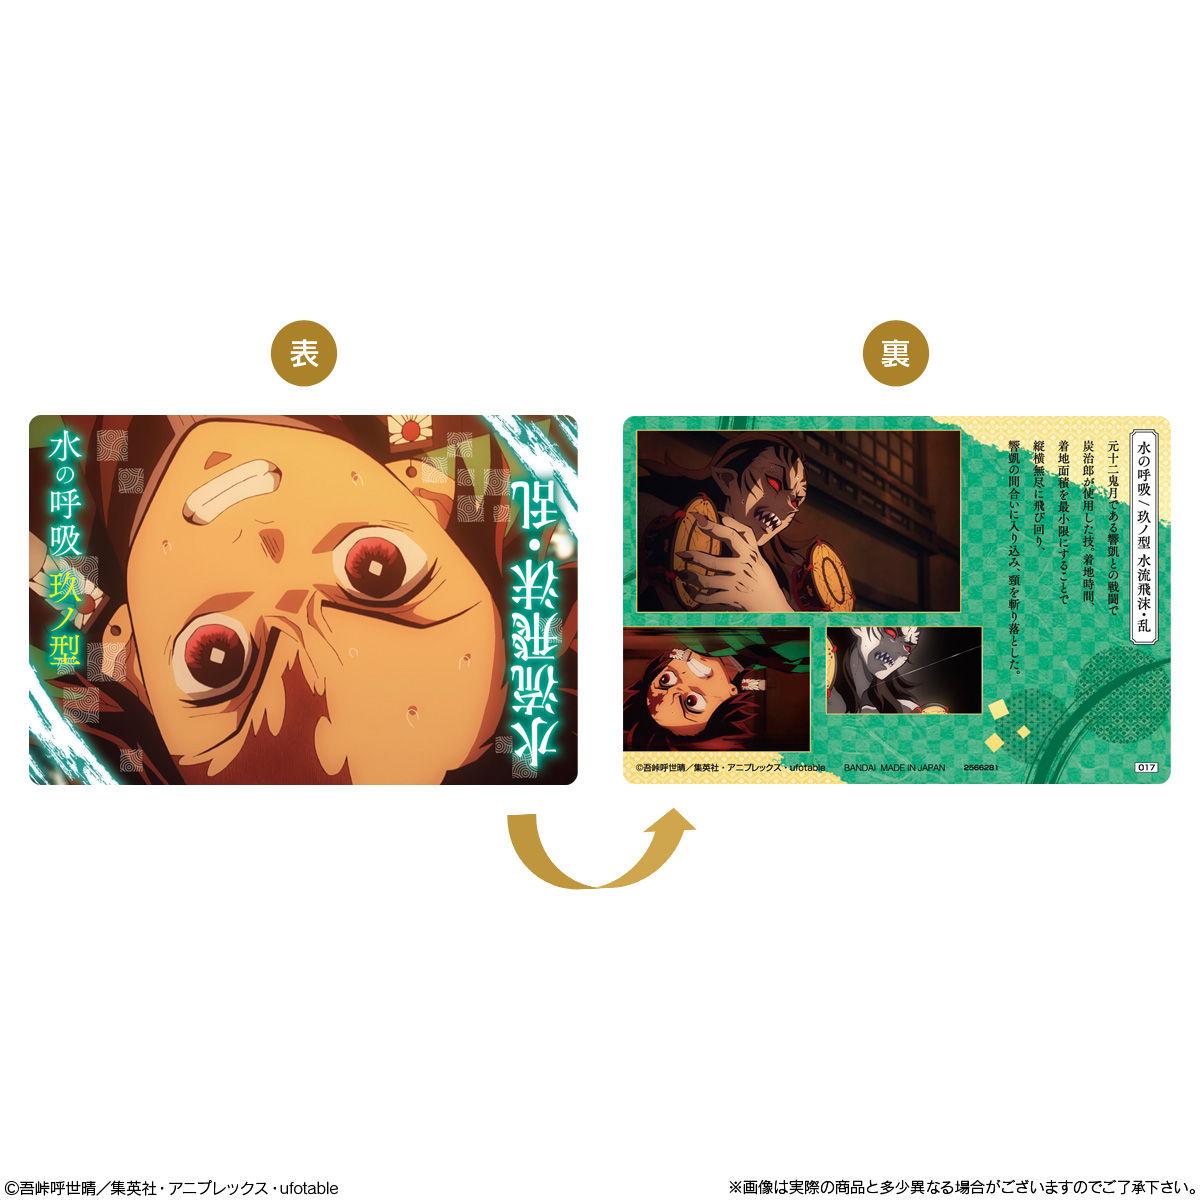 鬼滅の刃ウエハース3 カード02